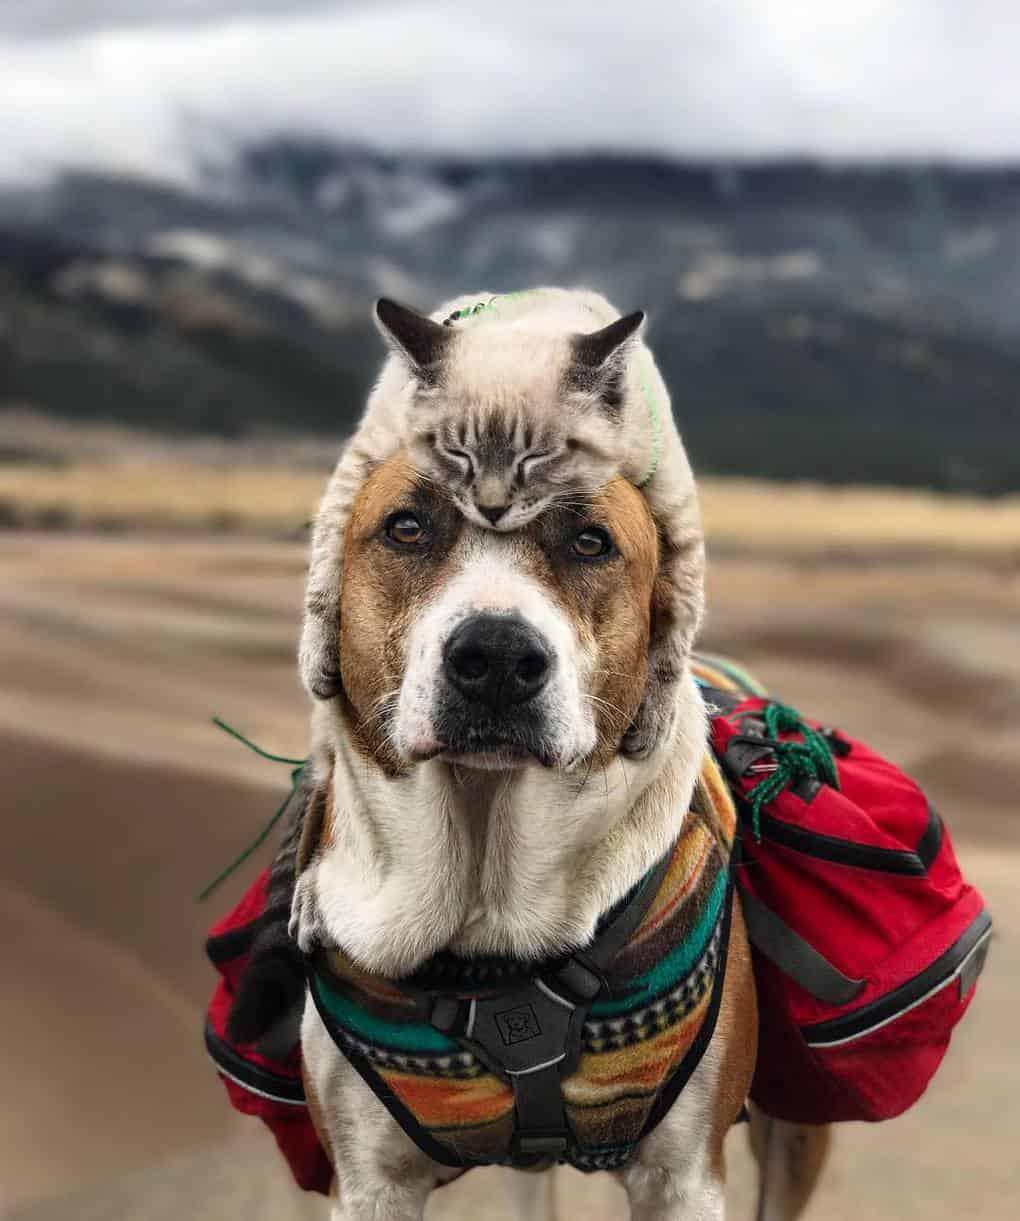 Балу любит лежать на голове у пса, за что его прозвали «шапка-кот»